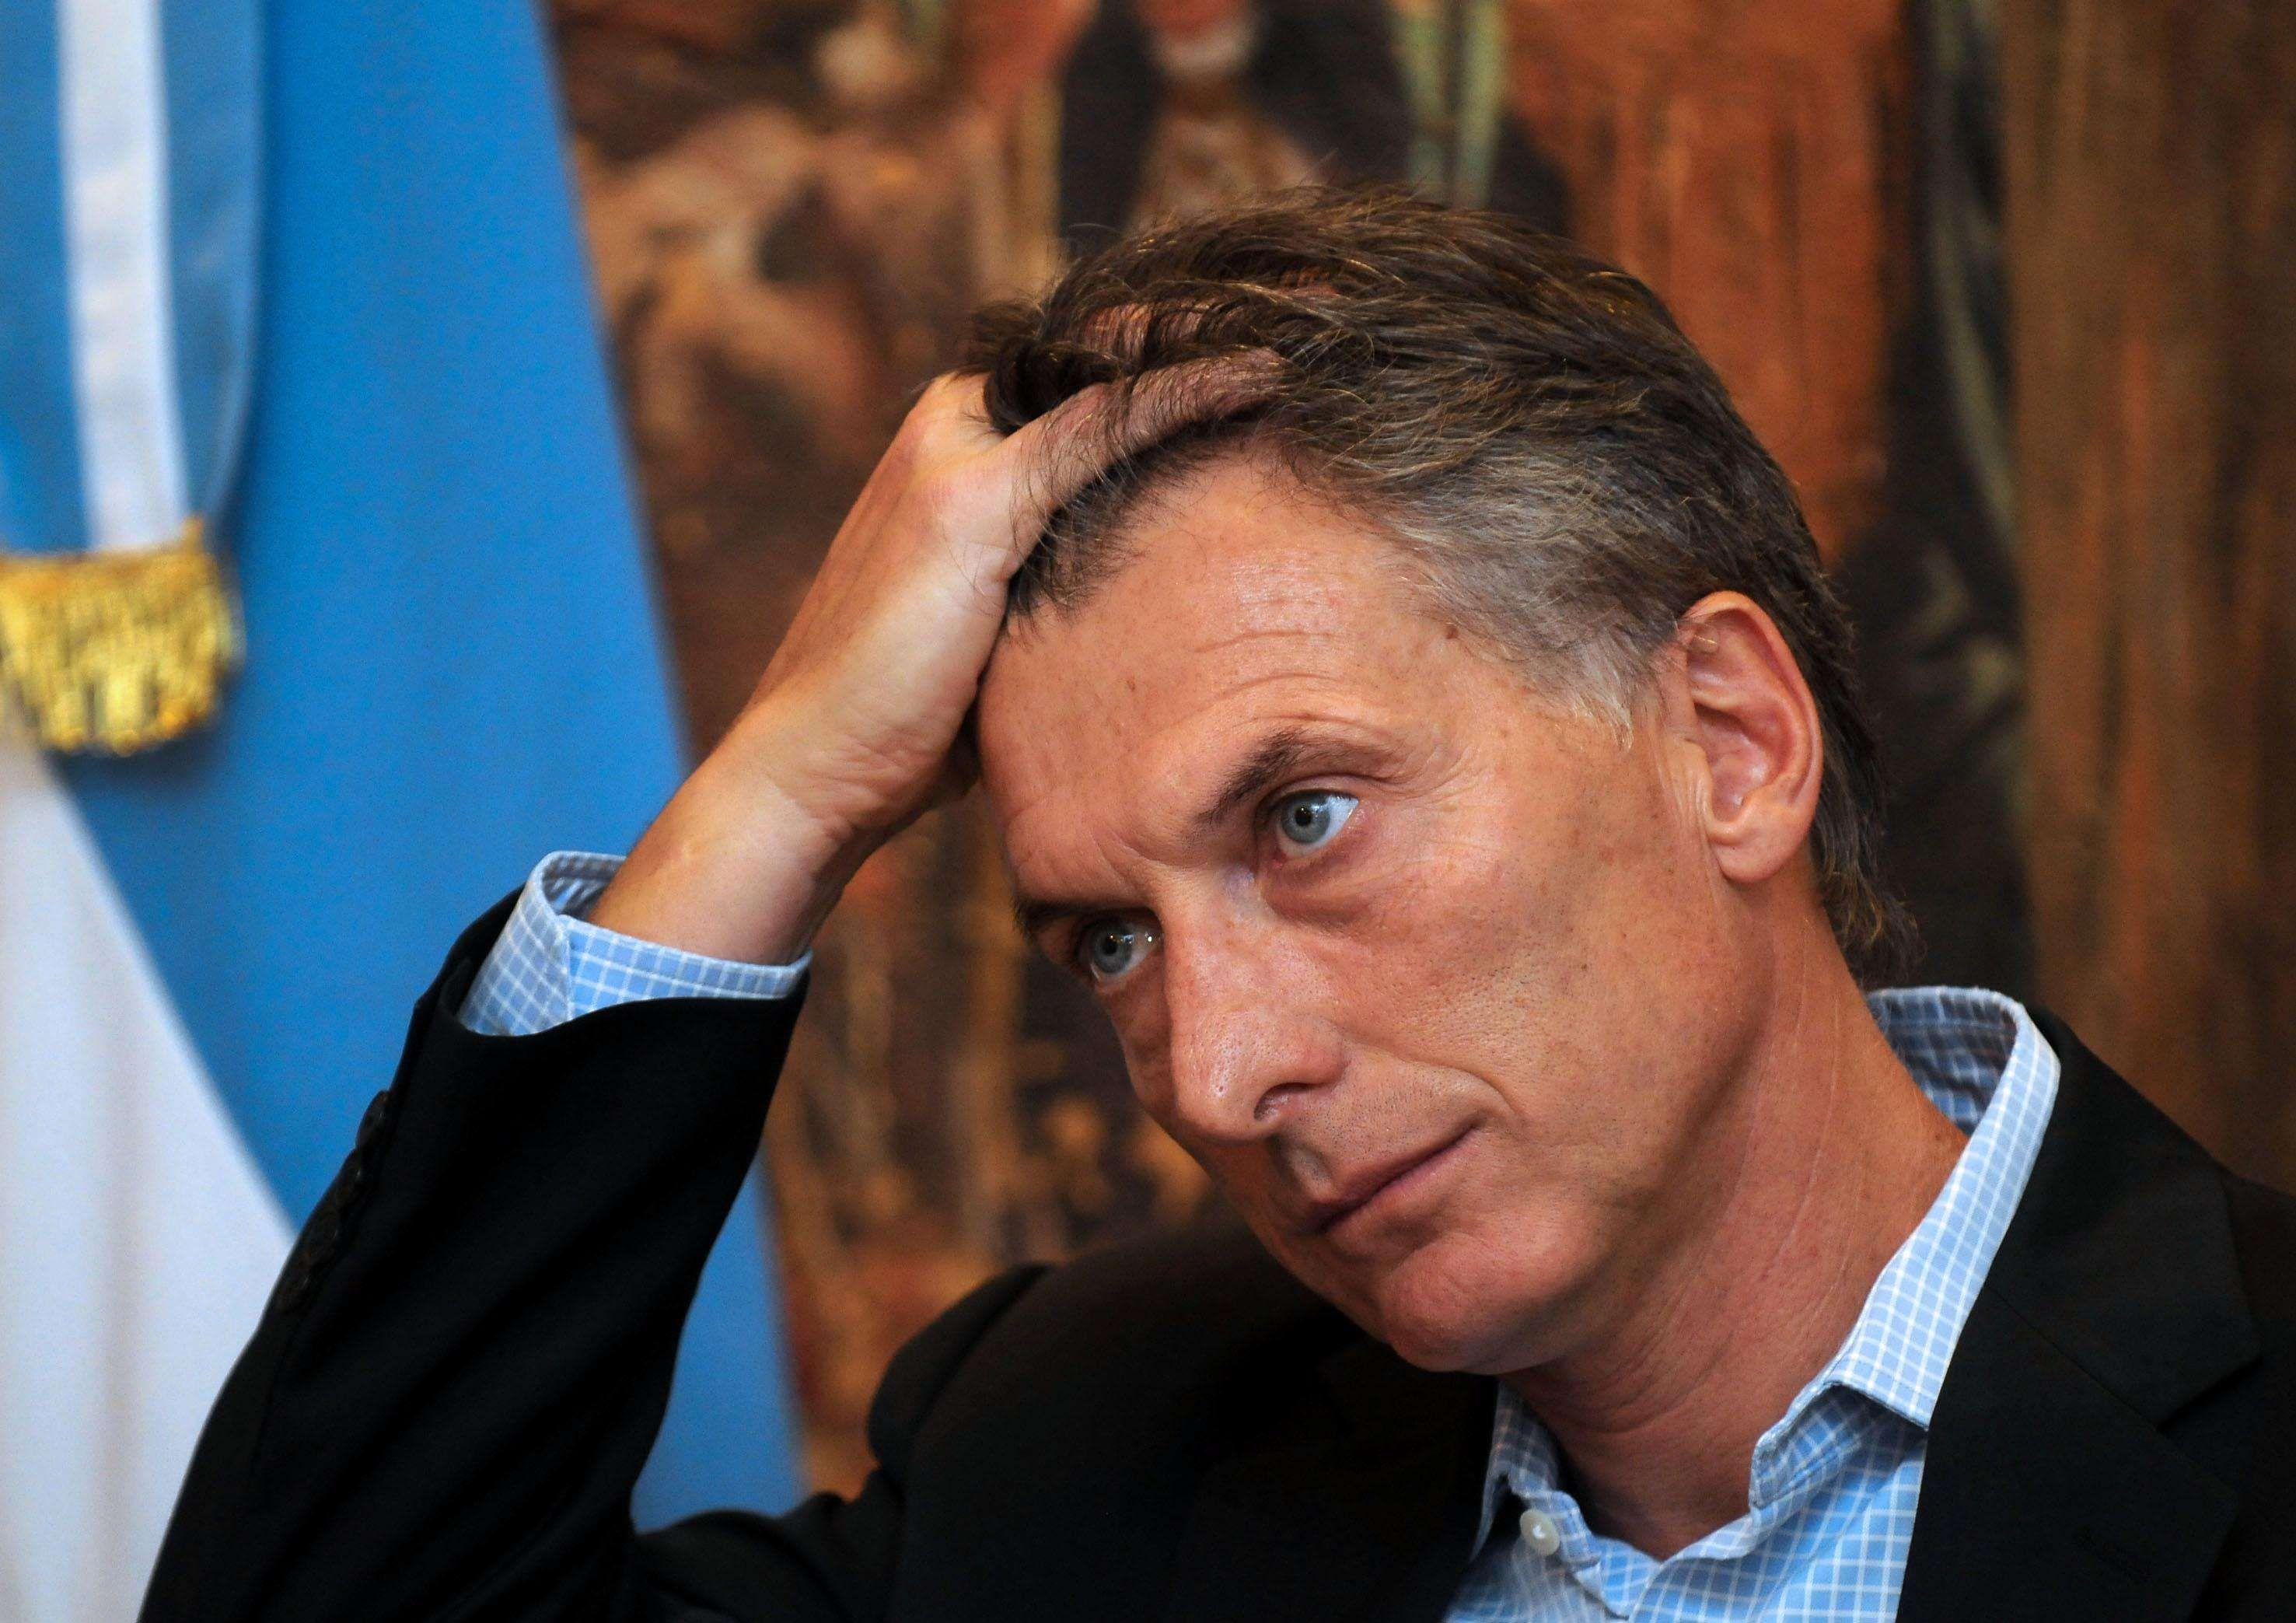 La oposición pide que se investigue a Macri en el Congreso y reclama la renuncia de Alonso